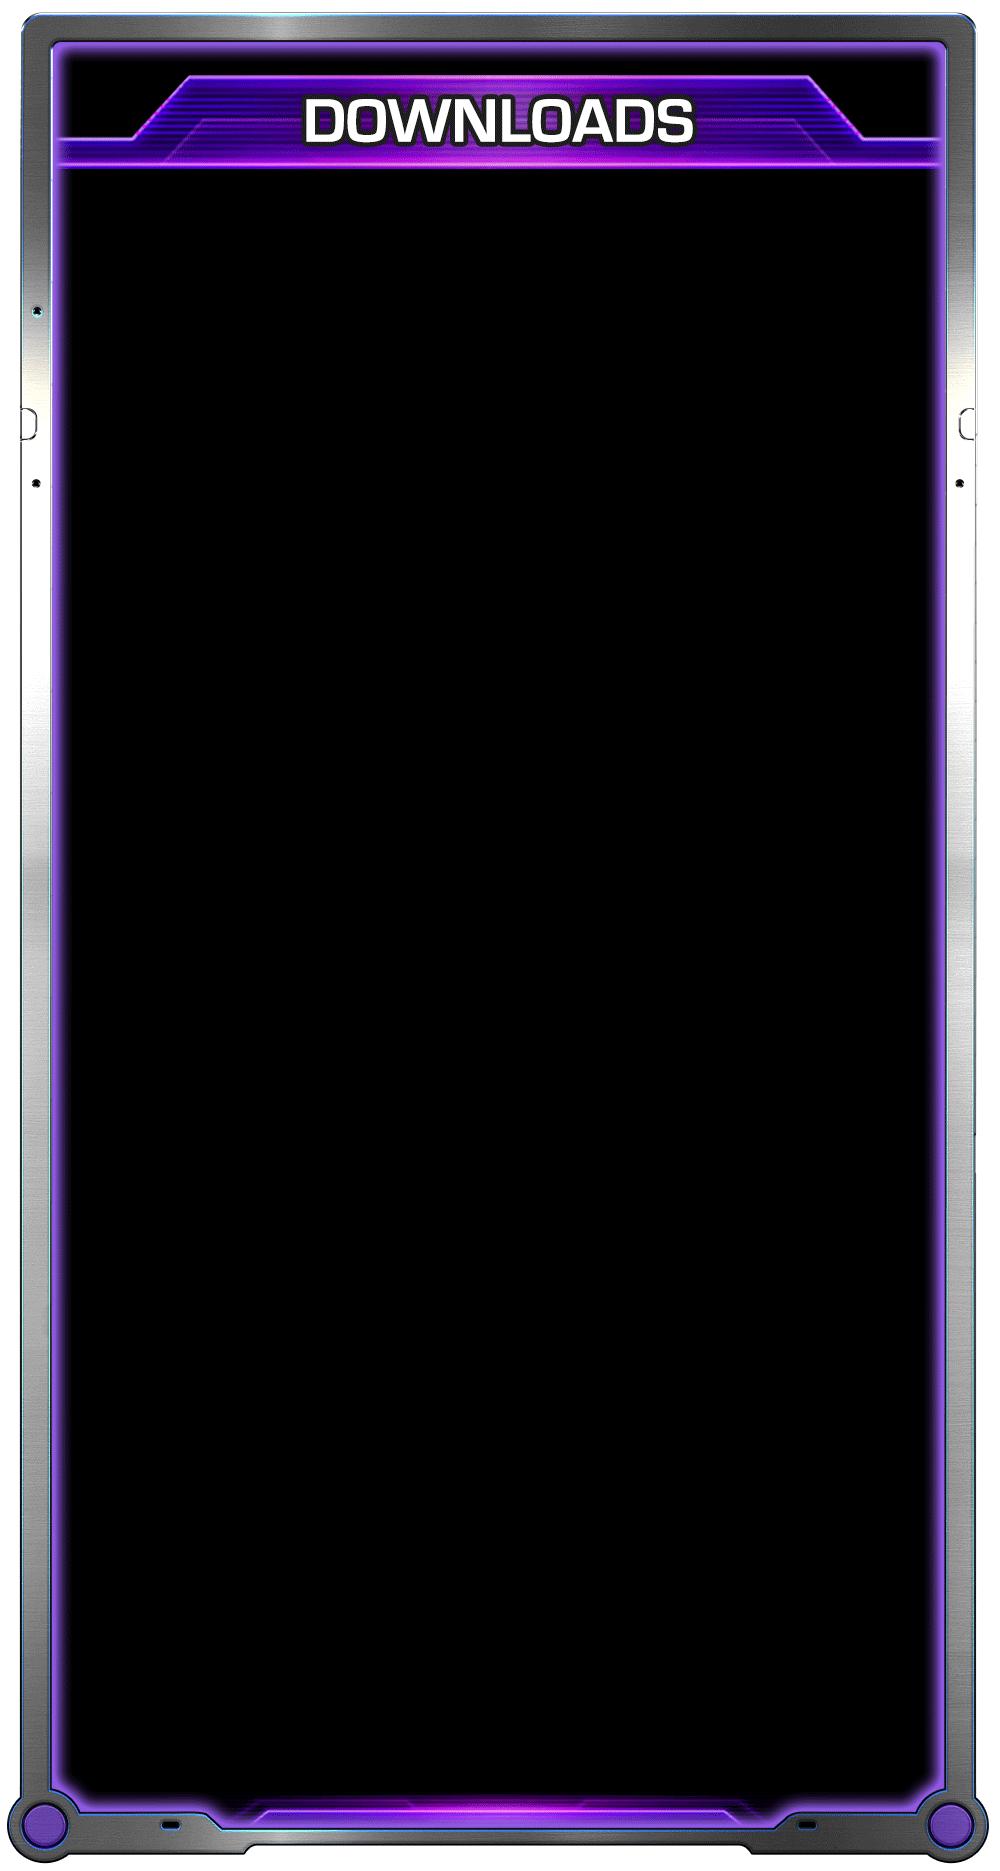 Downloads-Frame.png